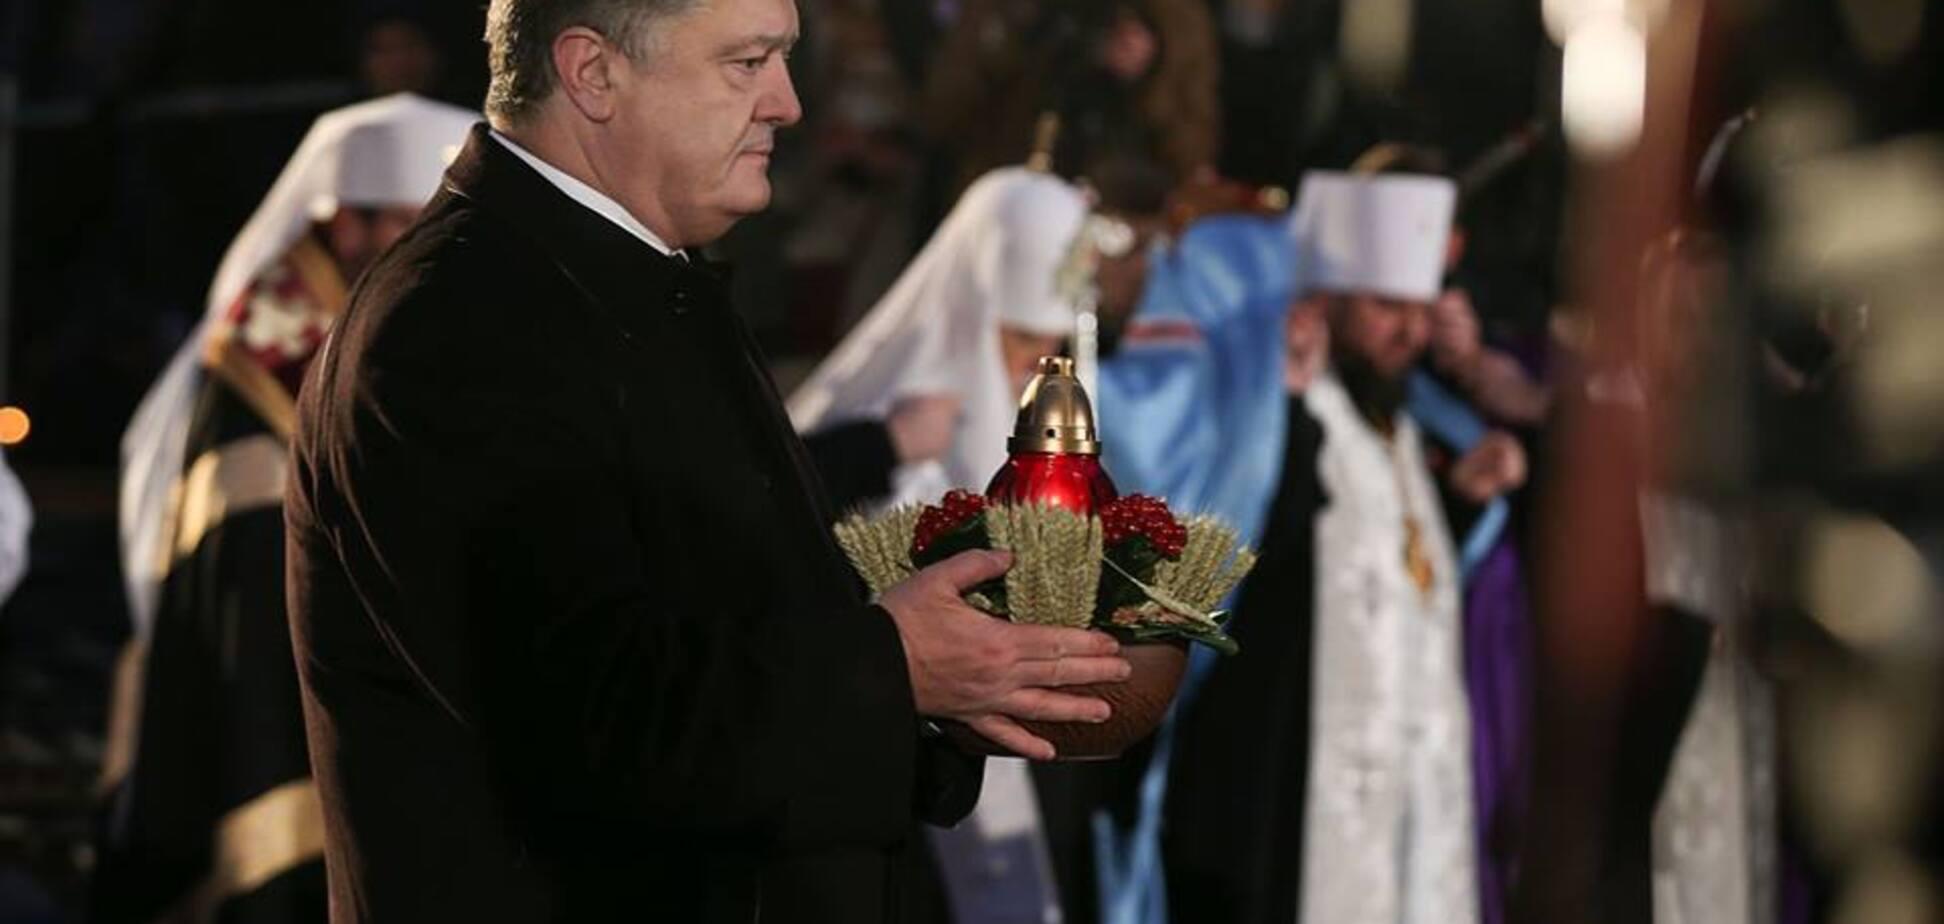 'Политика уничтожения': Порошенко заявил об ответственности РФ за Голодомор